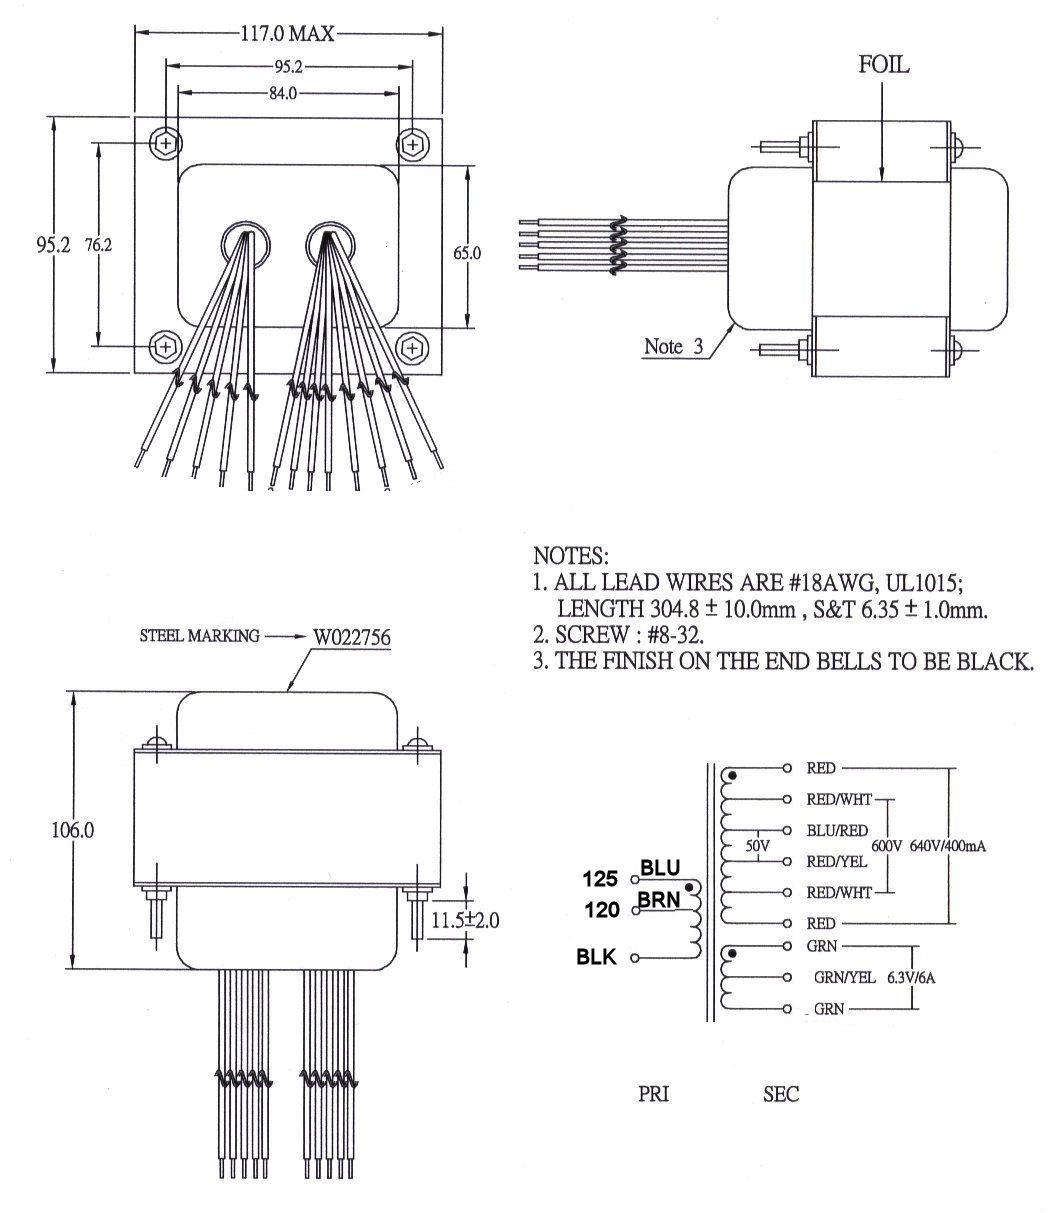 mercury magnetics wiring diagram fender hot